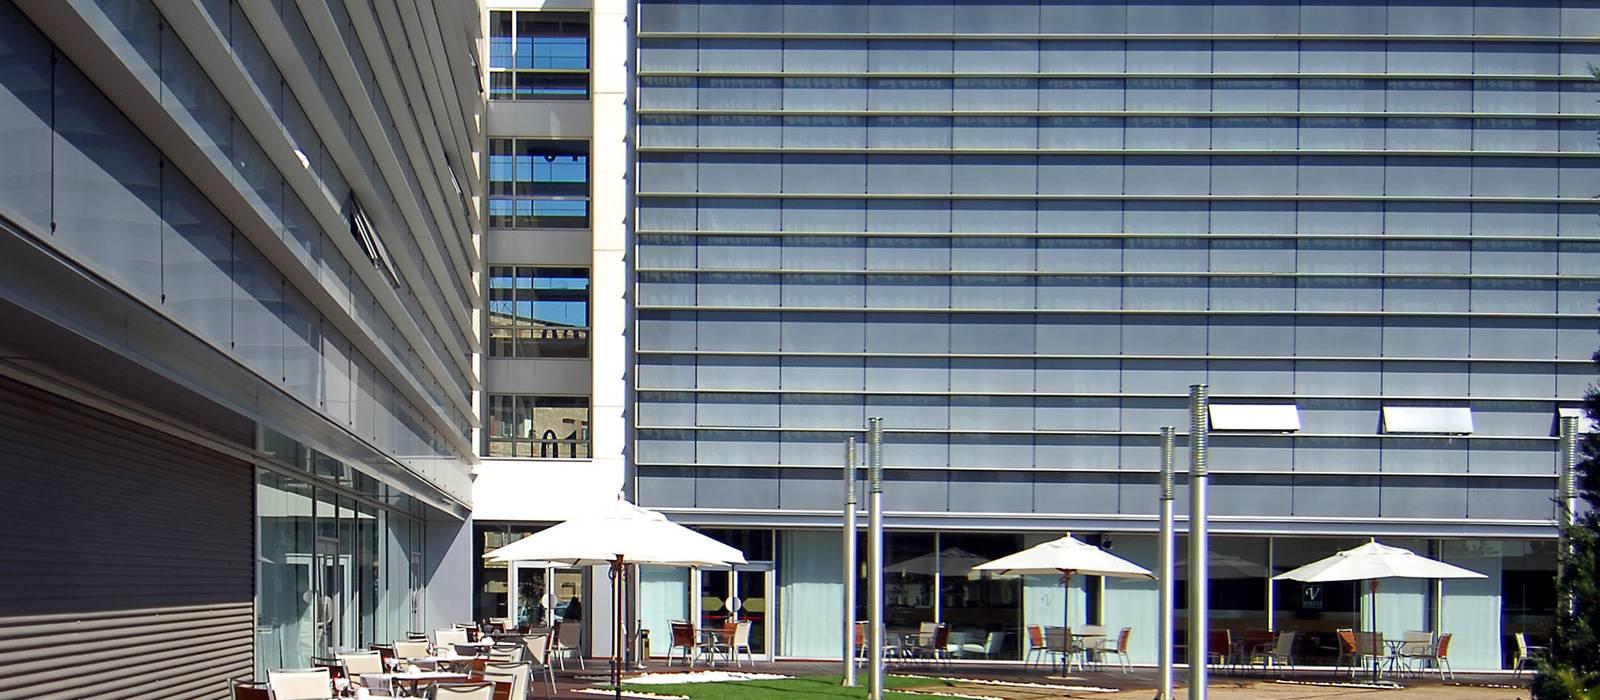 Offerte Hotel Vincci Barcelona Maritime - Pernottate per 3 notti e rispa